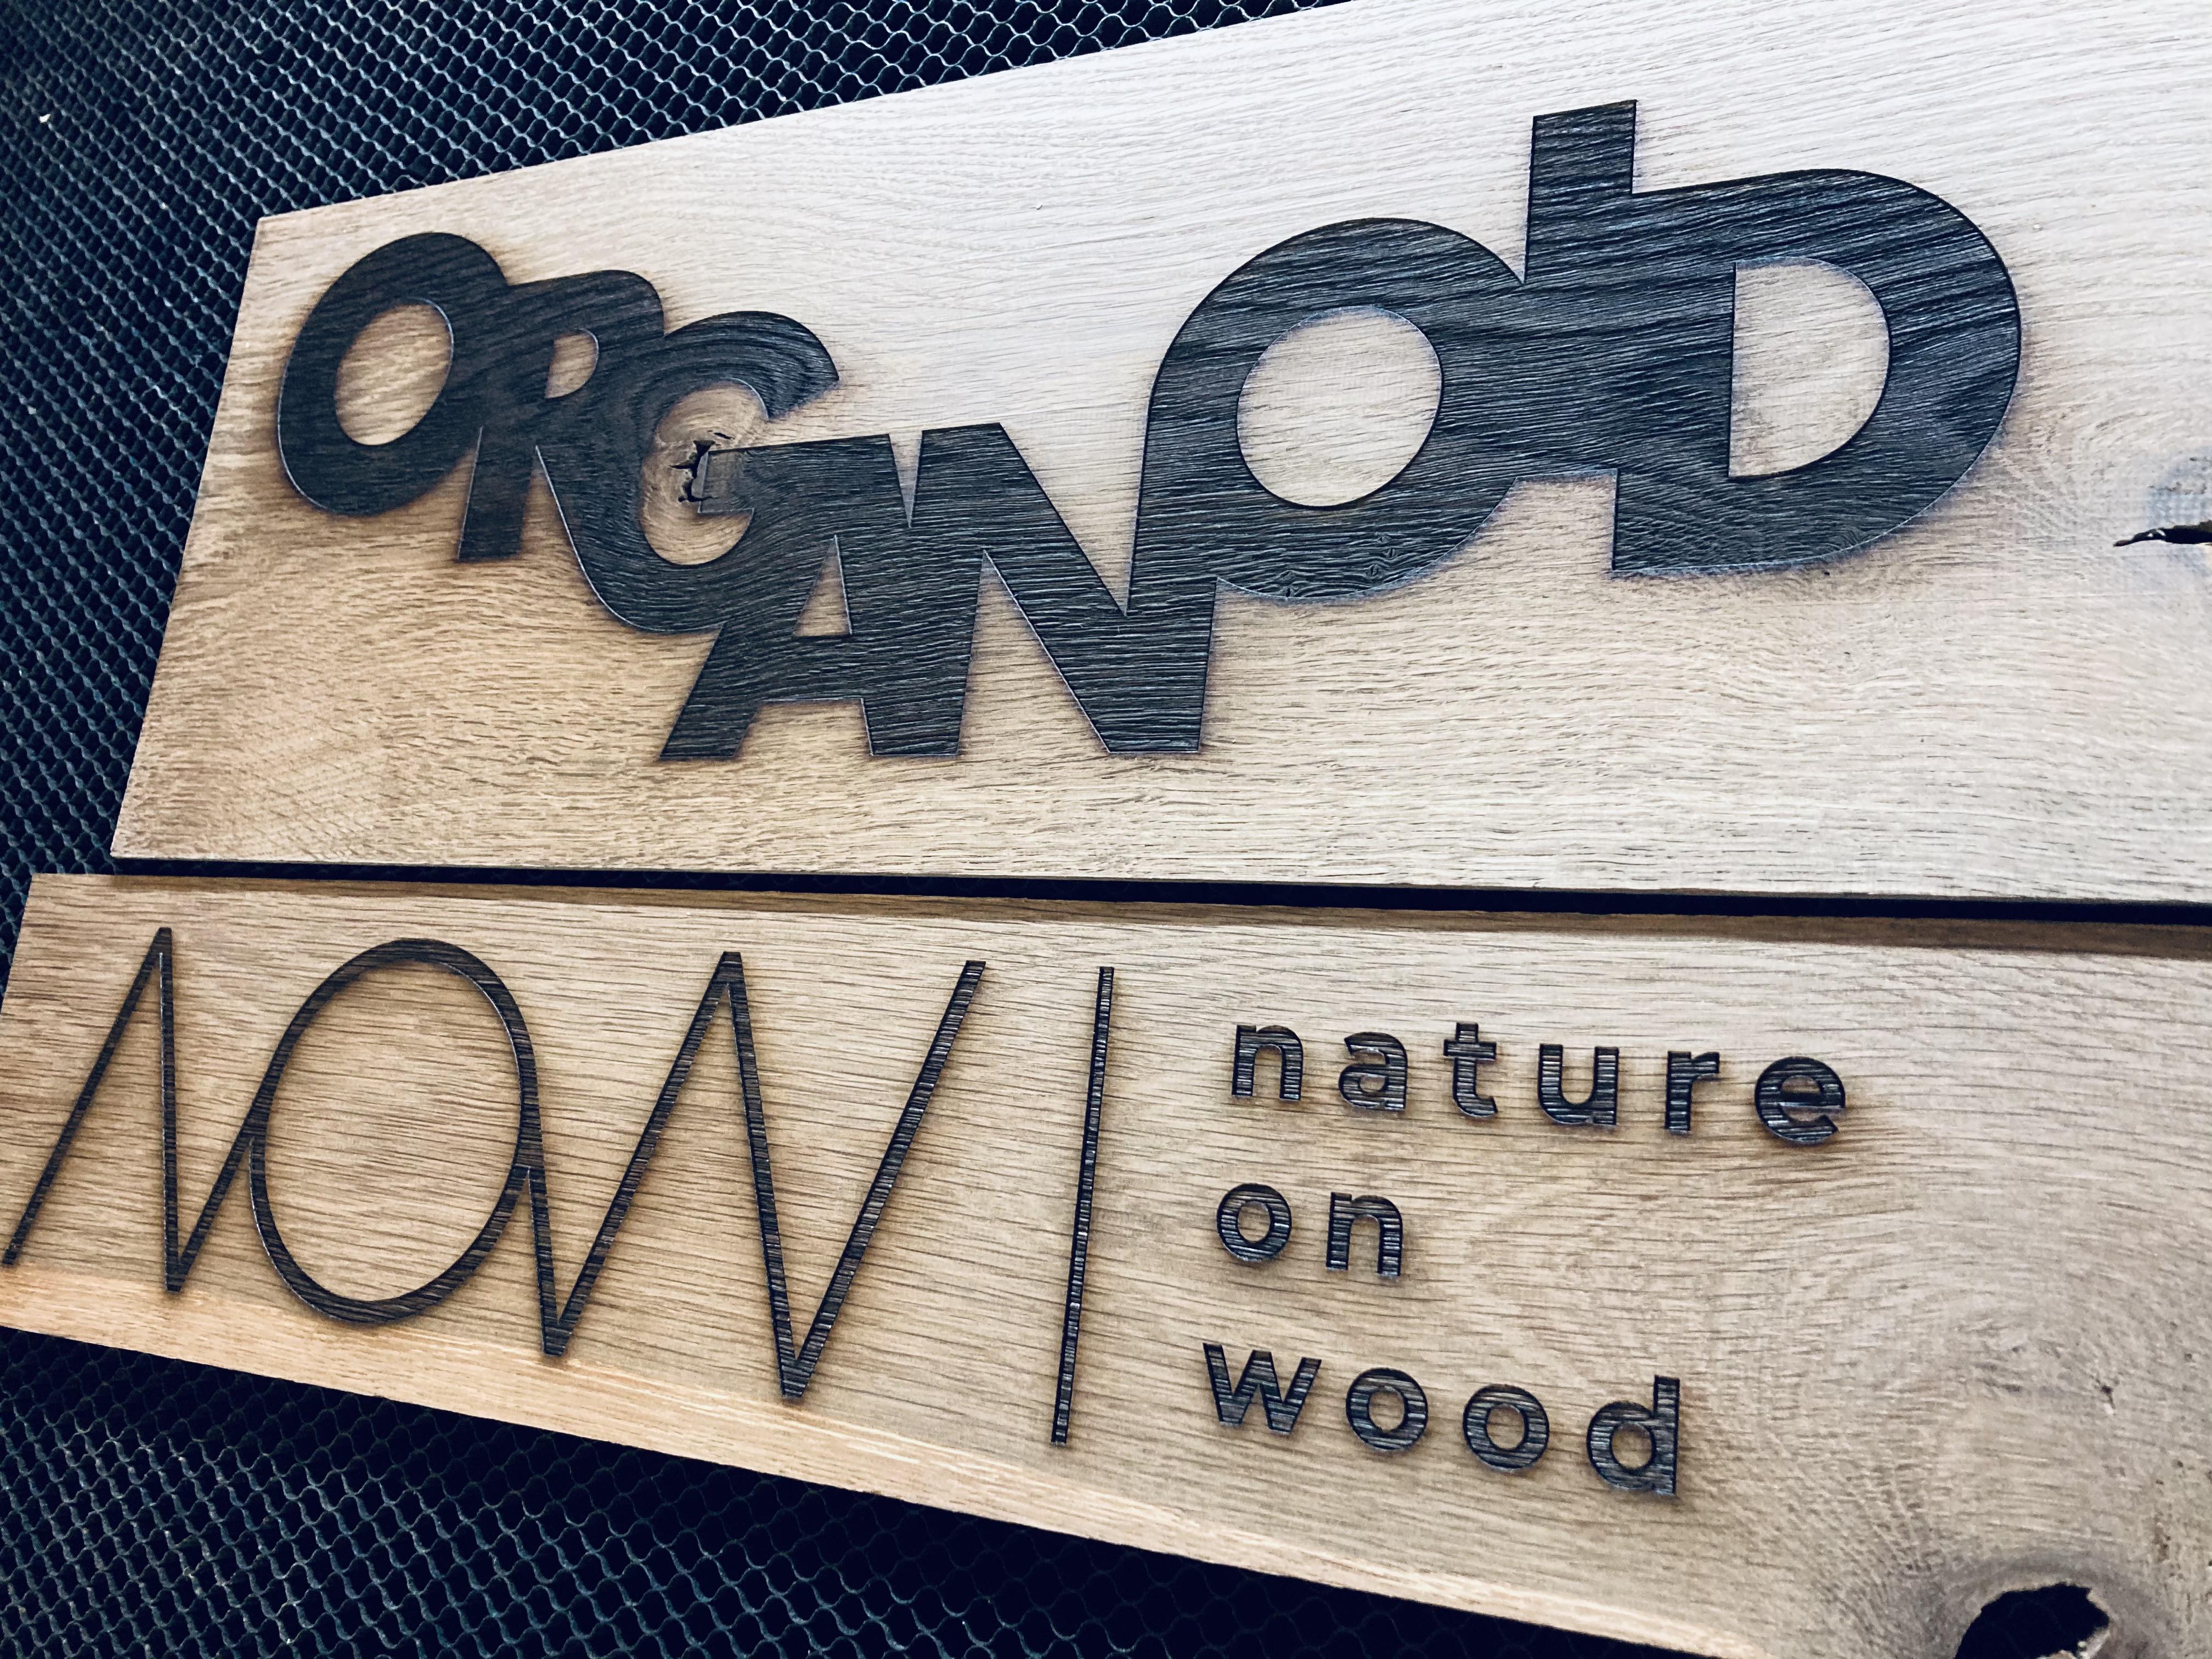 gravírovaní dřeva, gravírovaní exotického dřeva